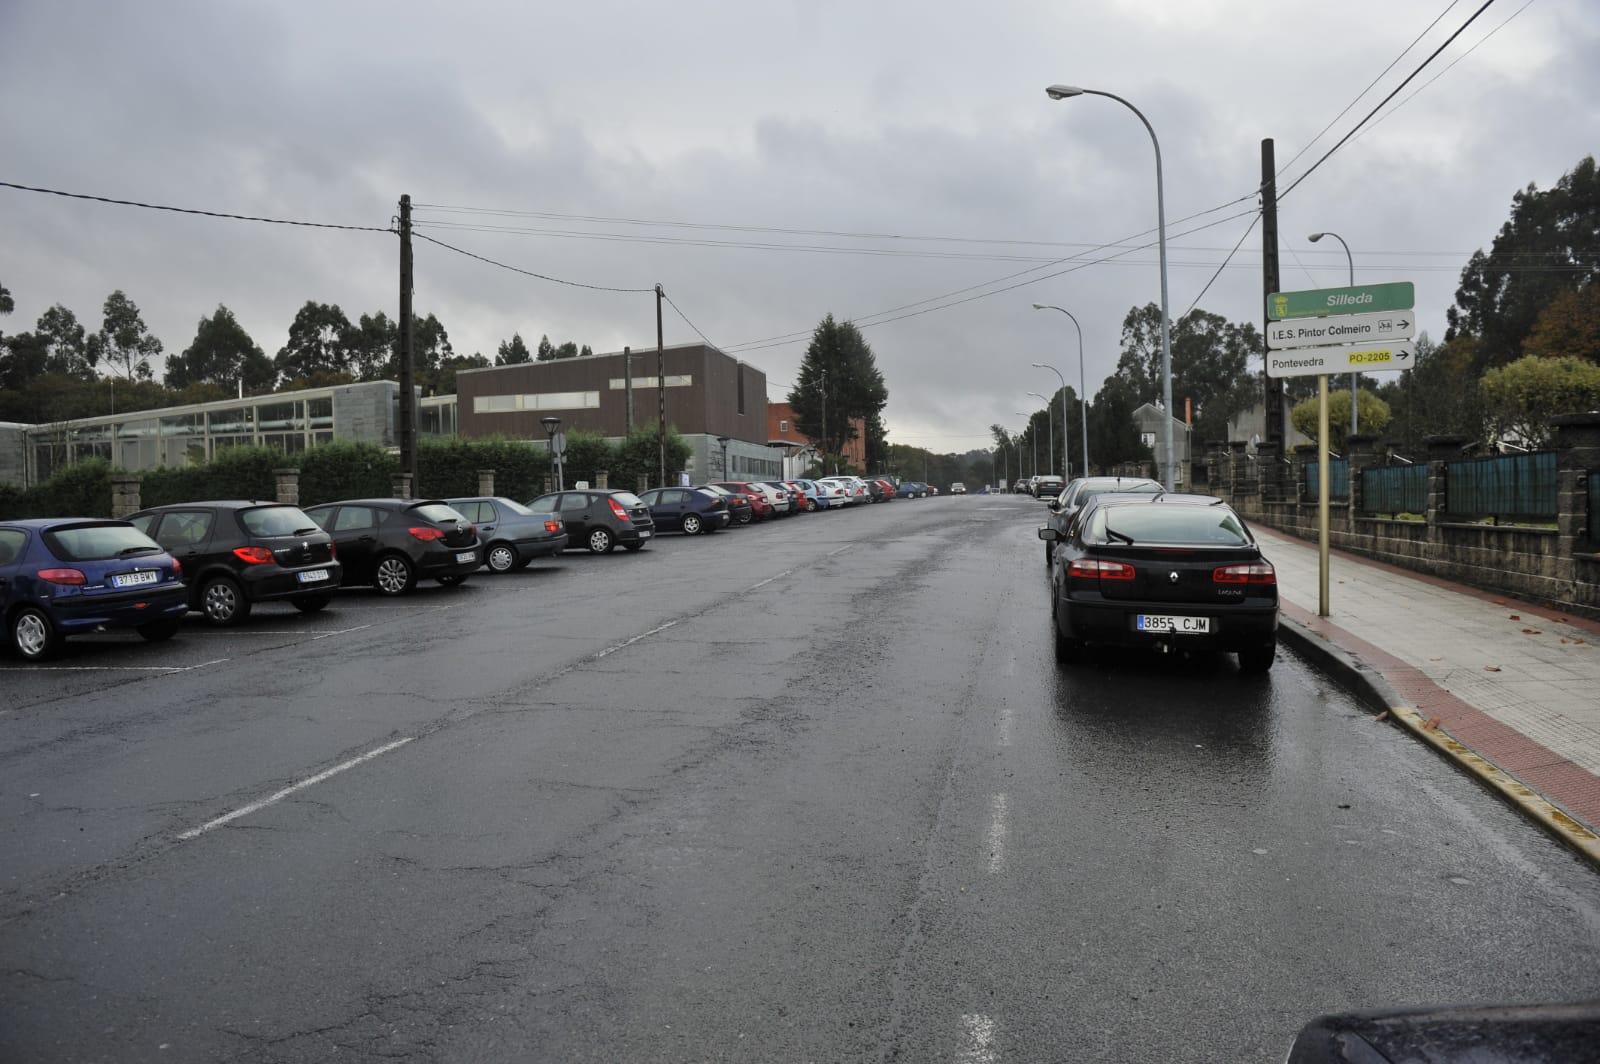 O Concello de Silleda licita a obra da urbanización da rúa Chousa Nova, a través do programa Depo Remse, con case 500.000 euros de inversión